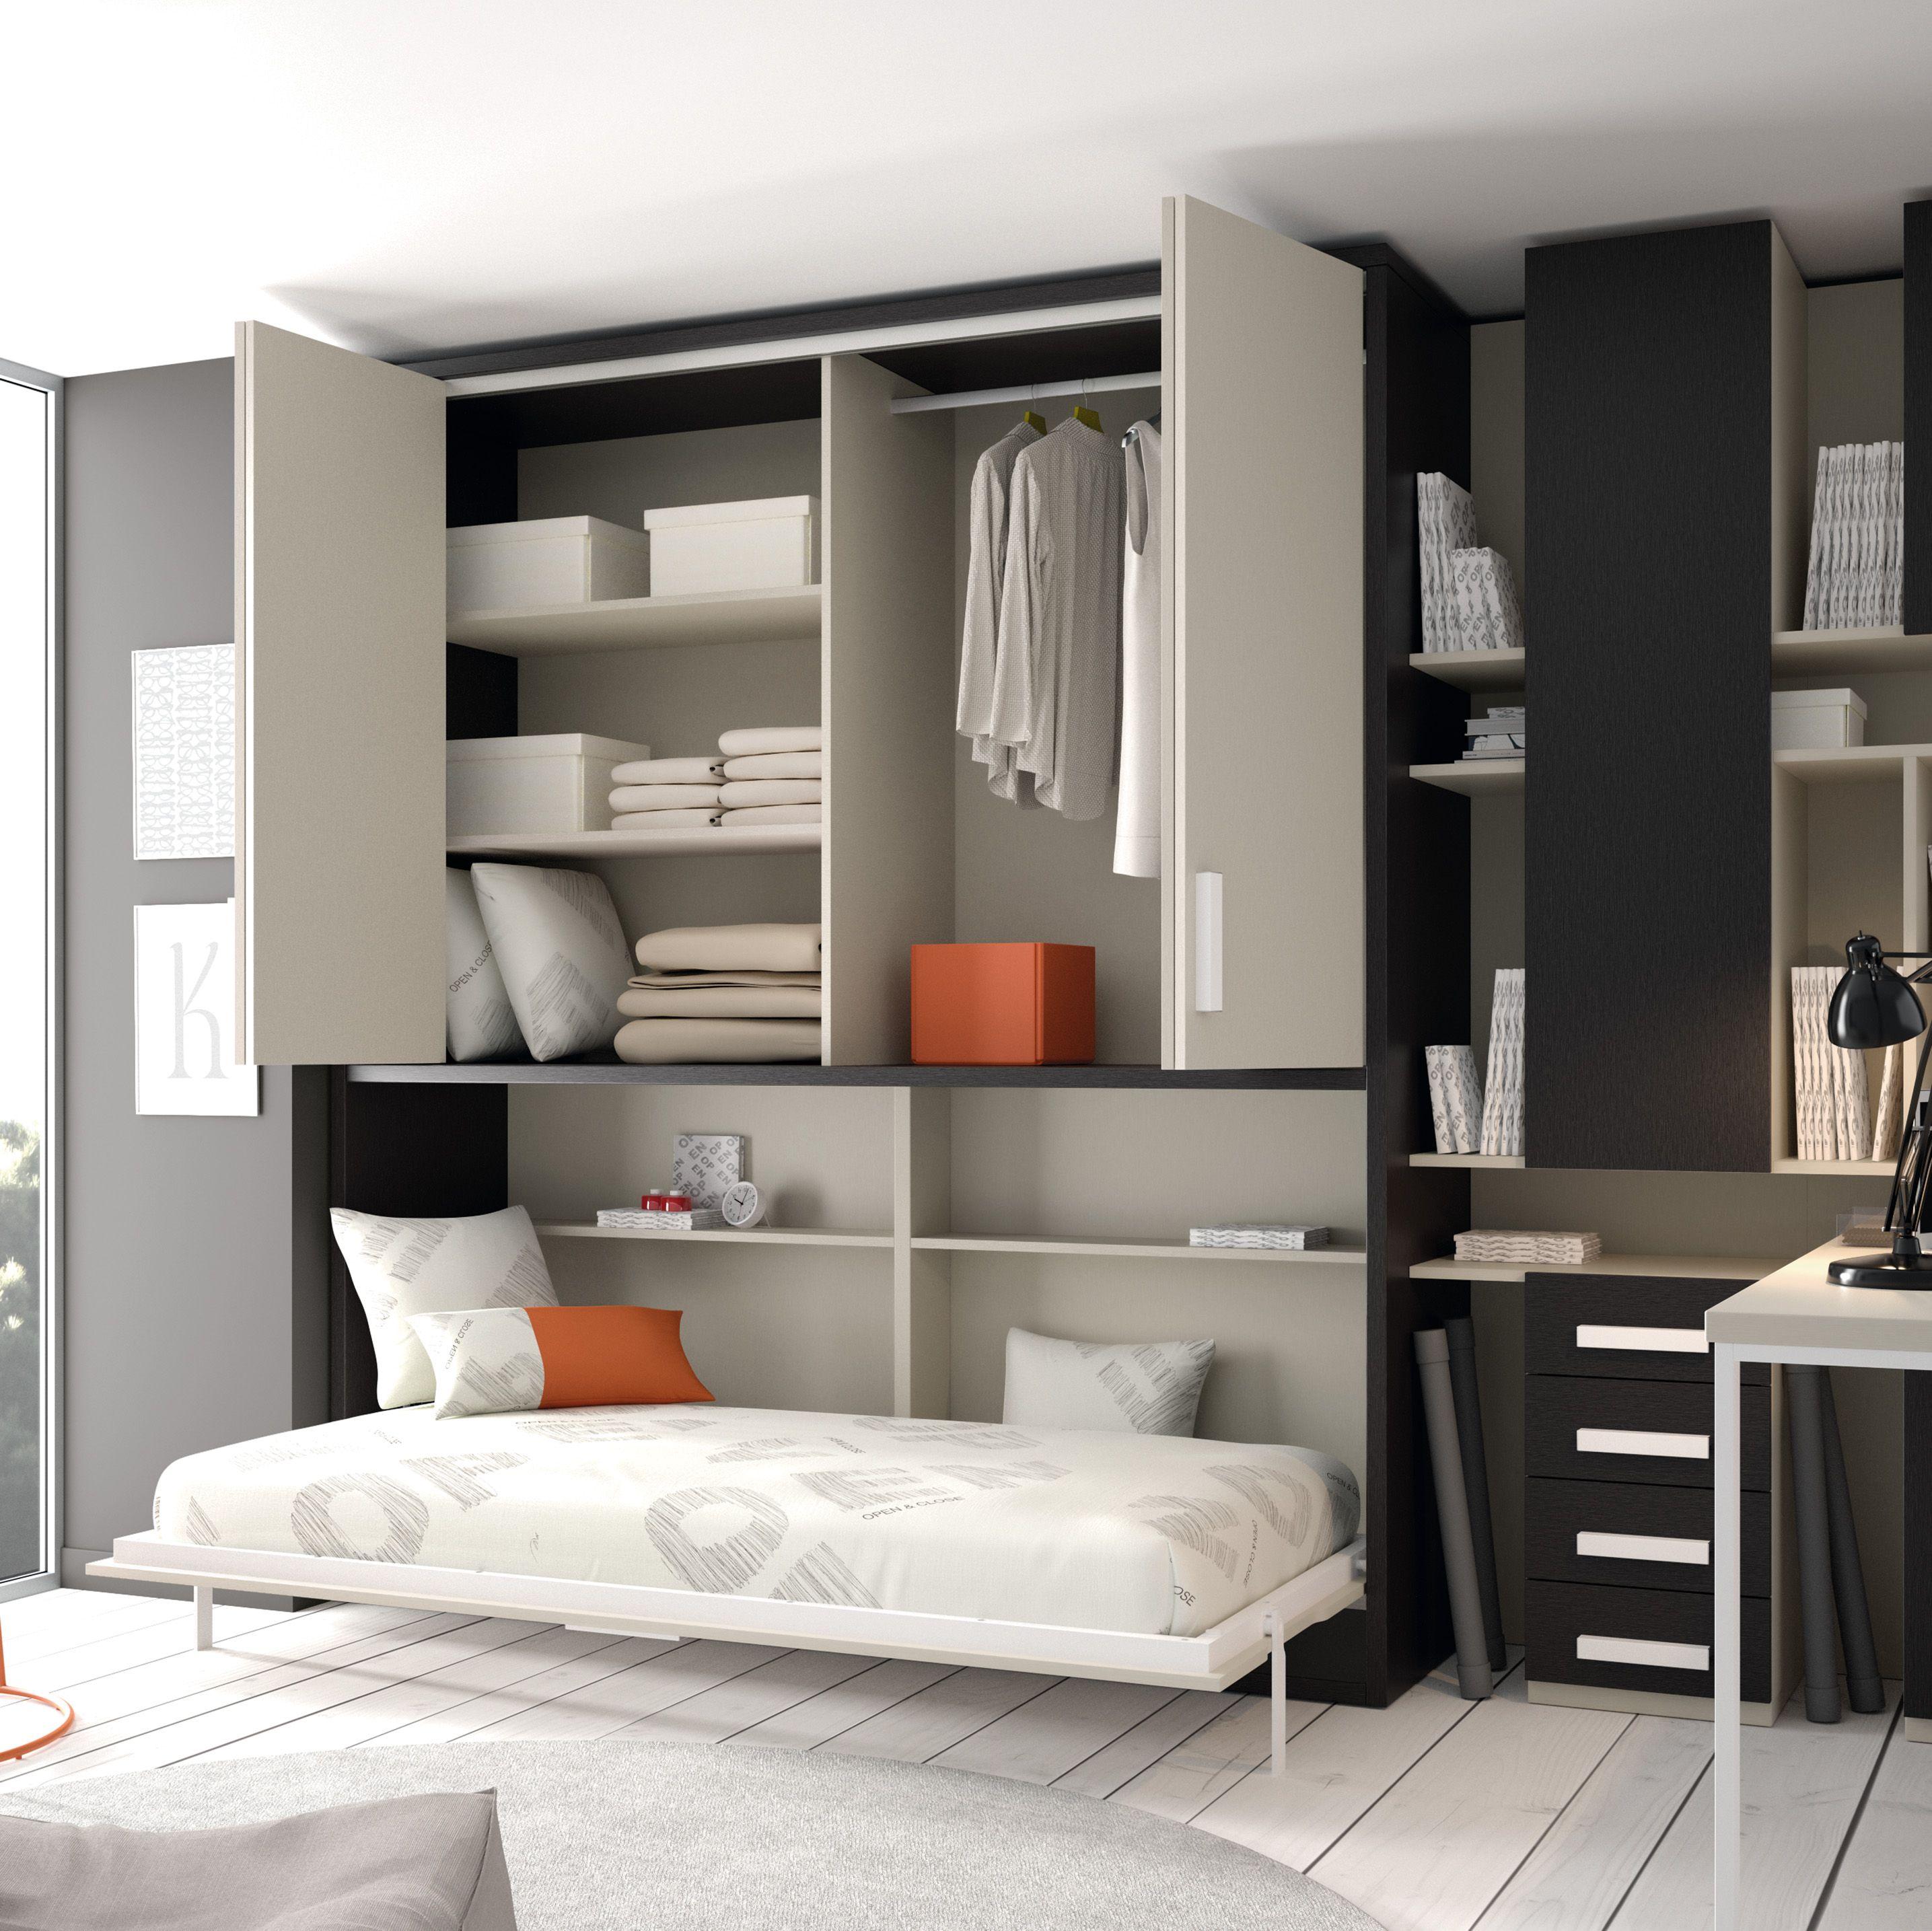 En este espacio tenemos armario cama y zona de estudio - Camas empotradas en armario ...